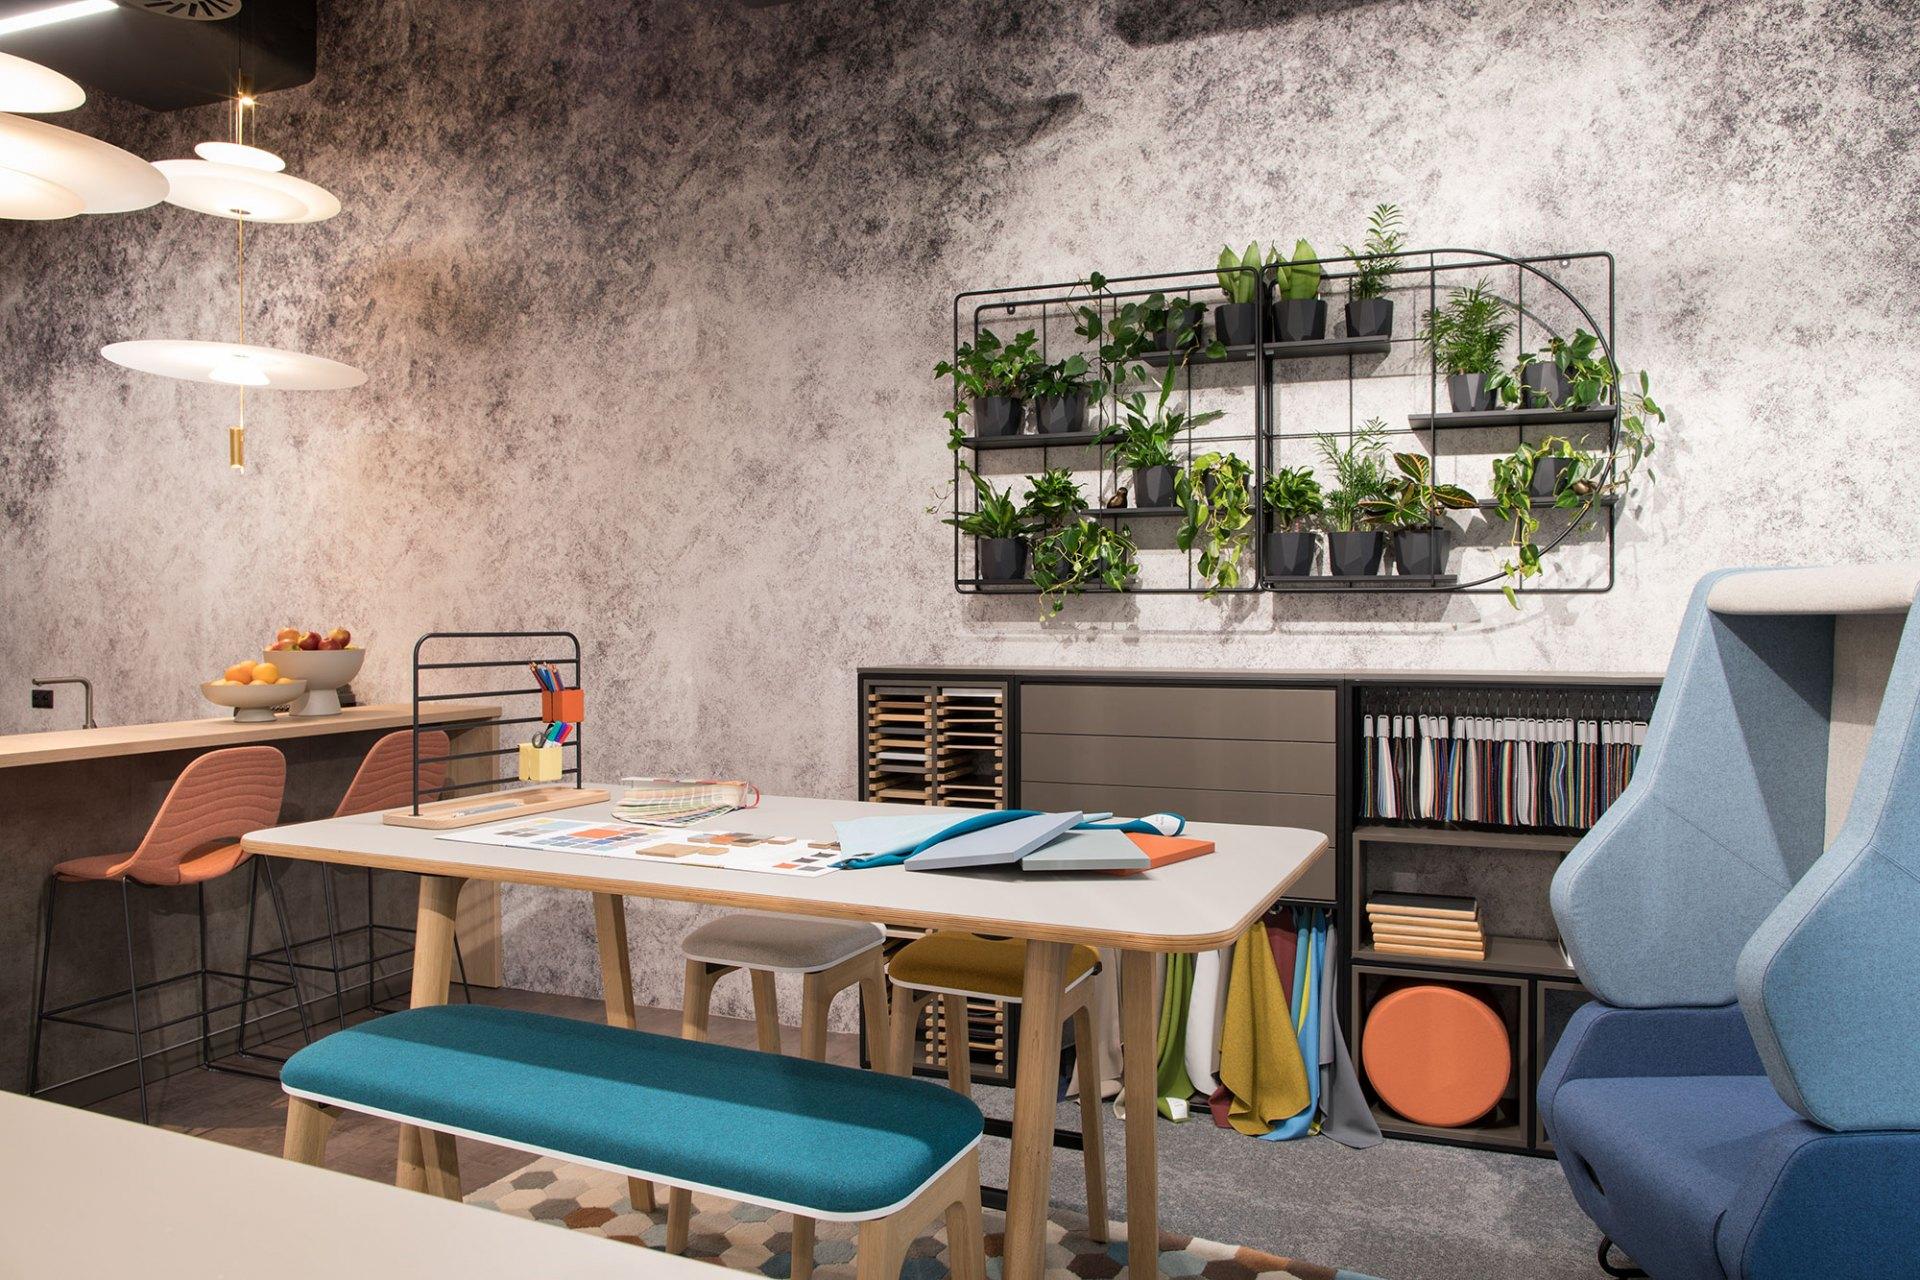 Nowy_Styl_showroom_Wroclaw_3_designalive